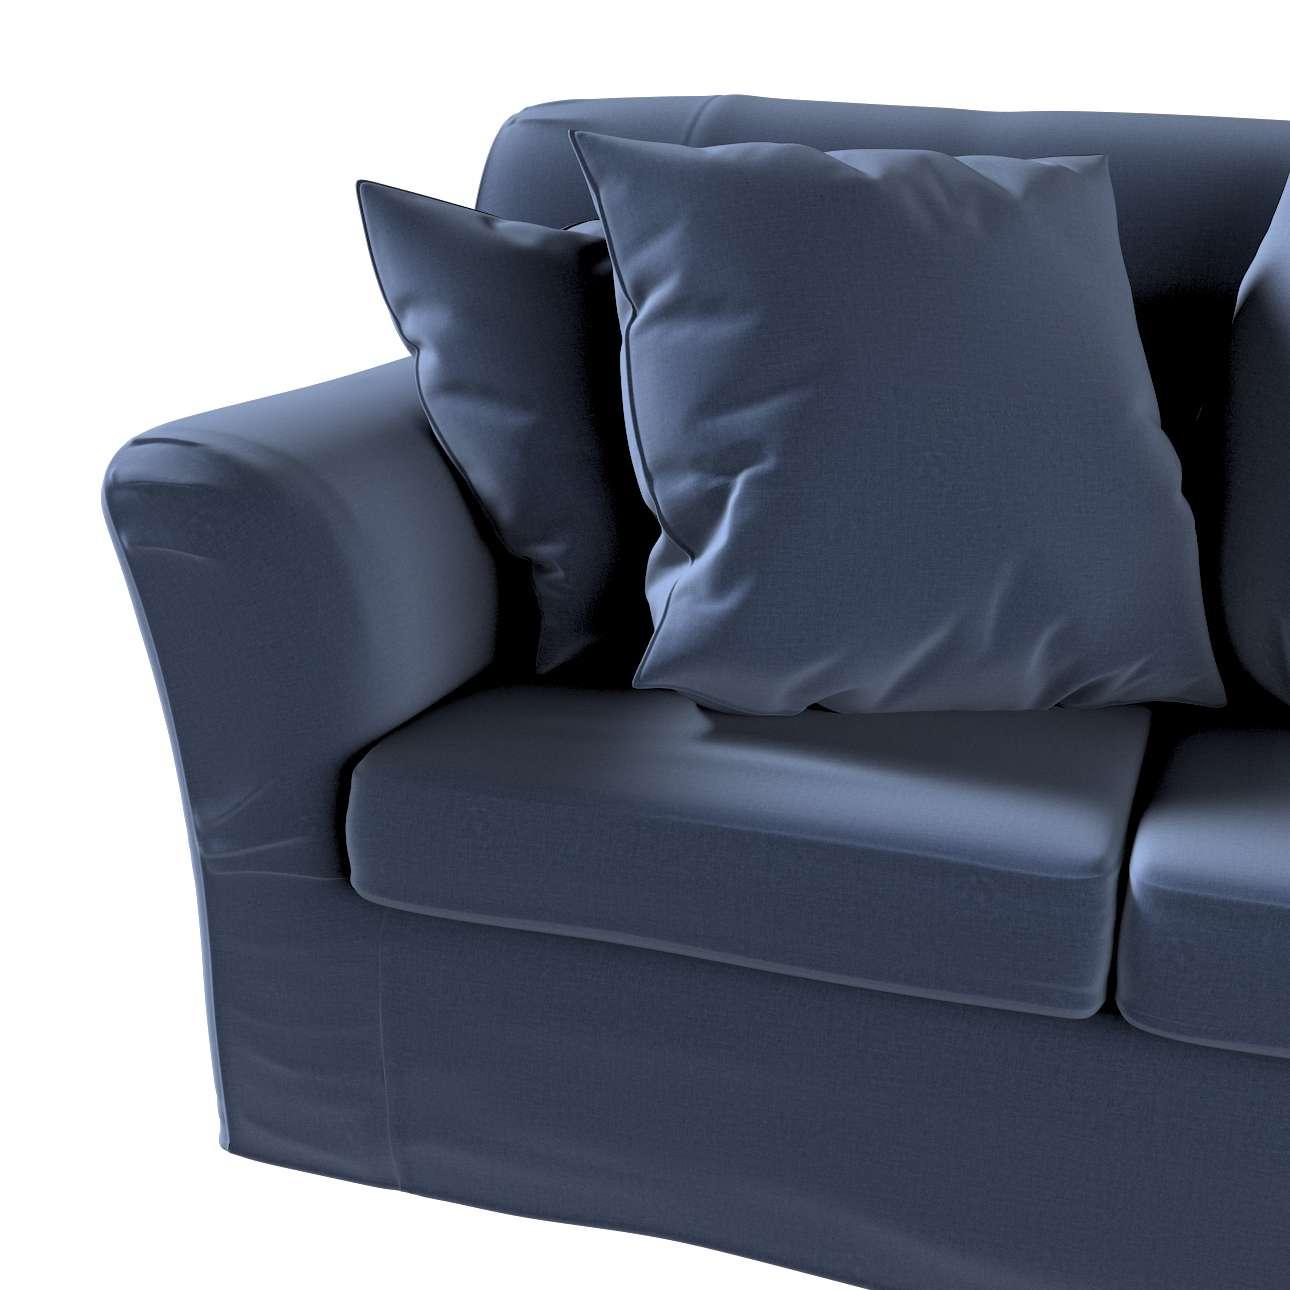 Pokrowiec na sofę Tomelilla 2-osobową nierozkładaną w kolekcji Ingrid, tkanina: 705-39